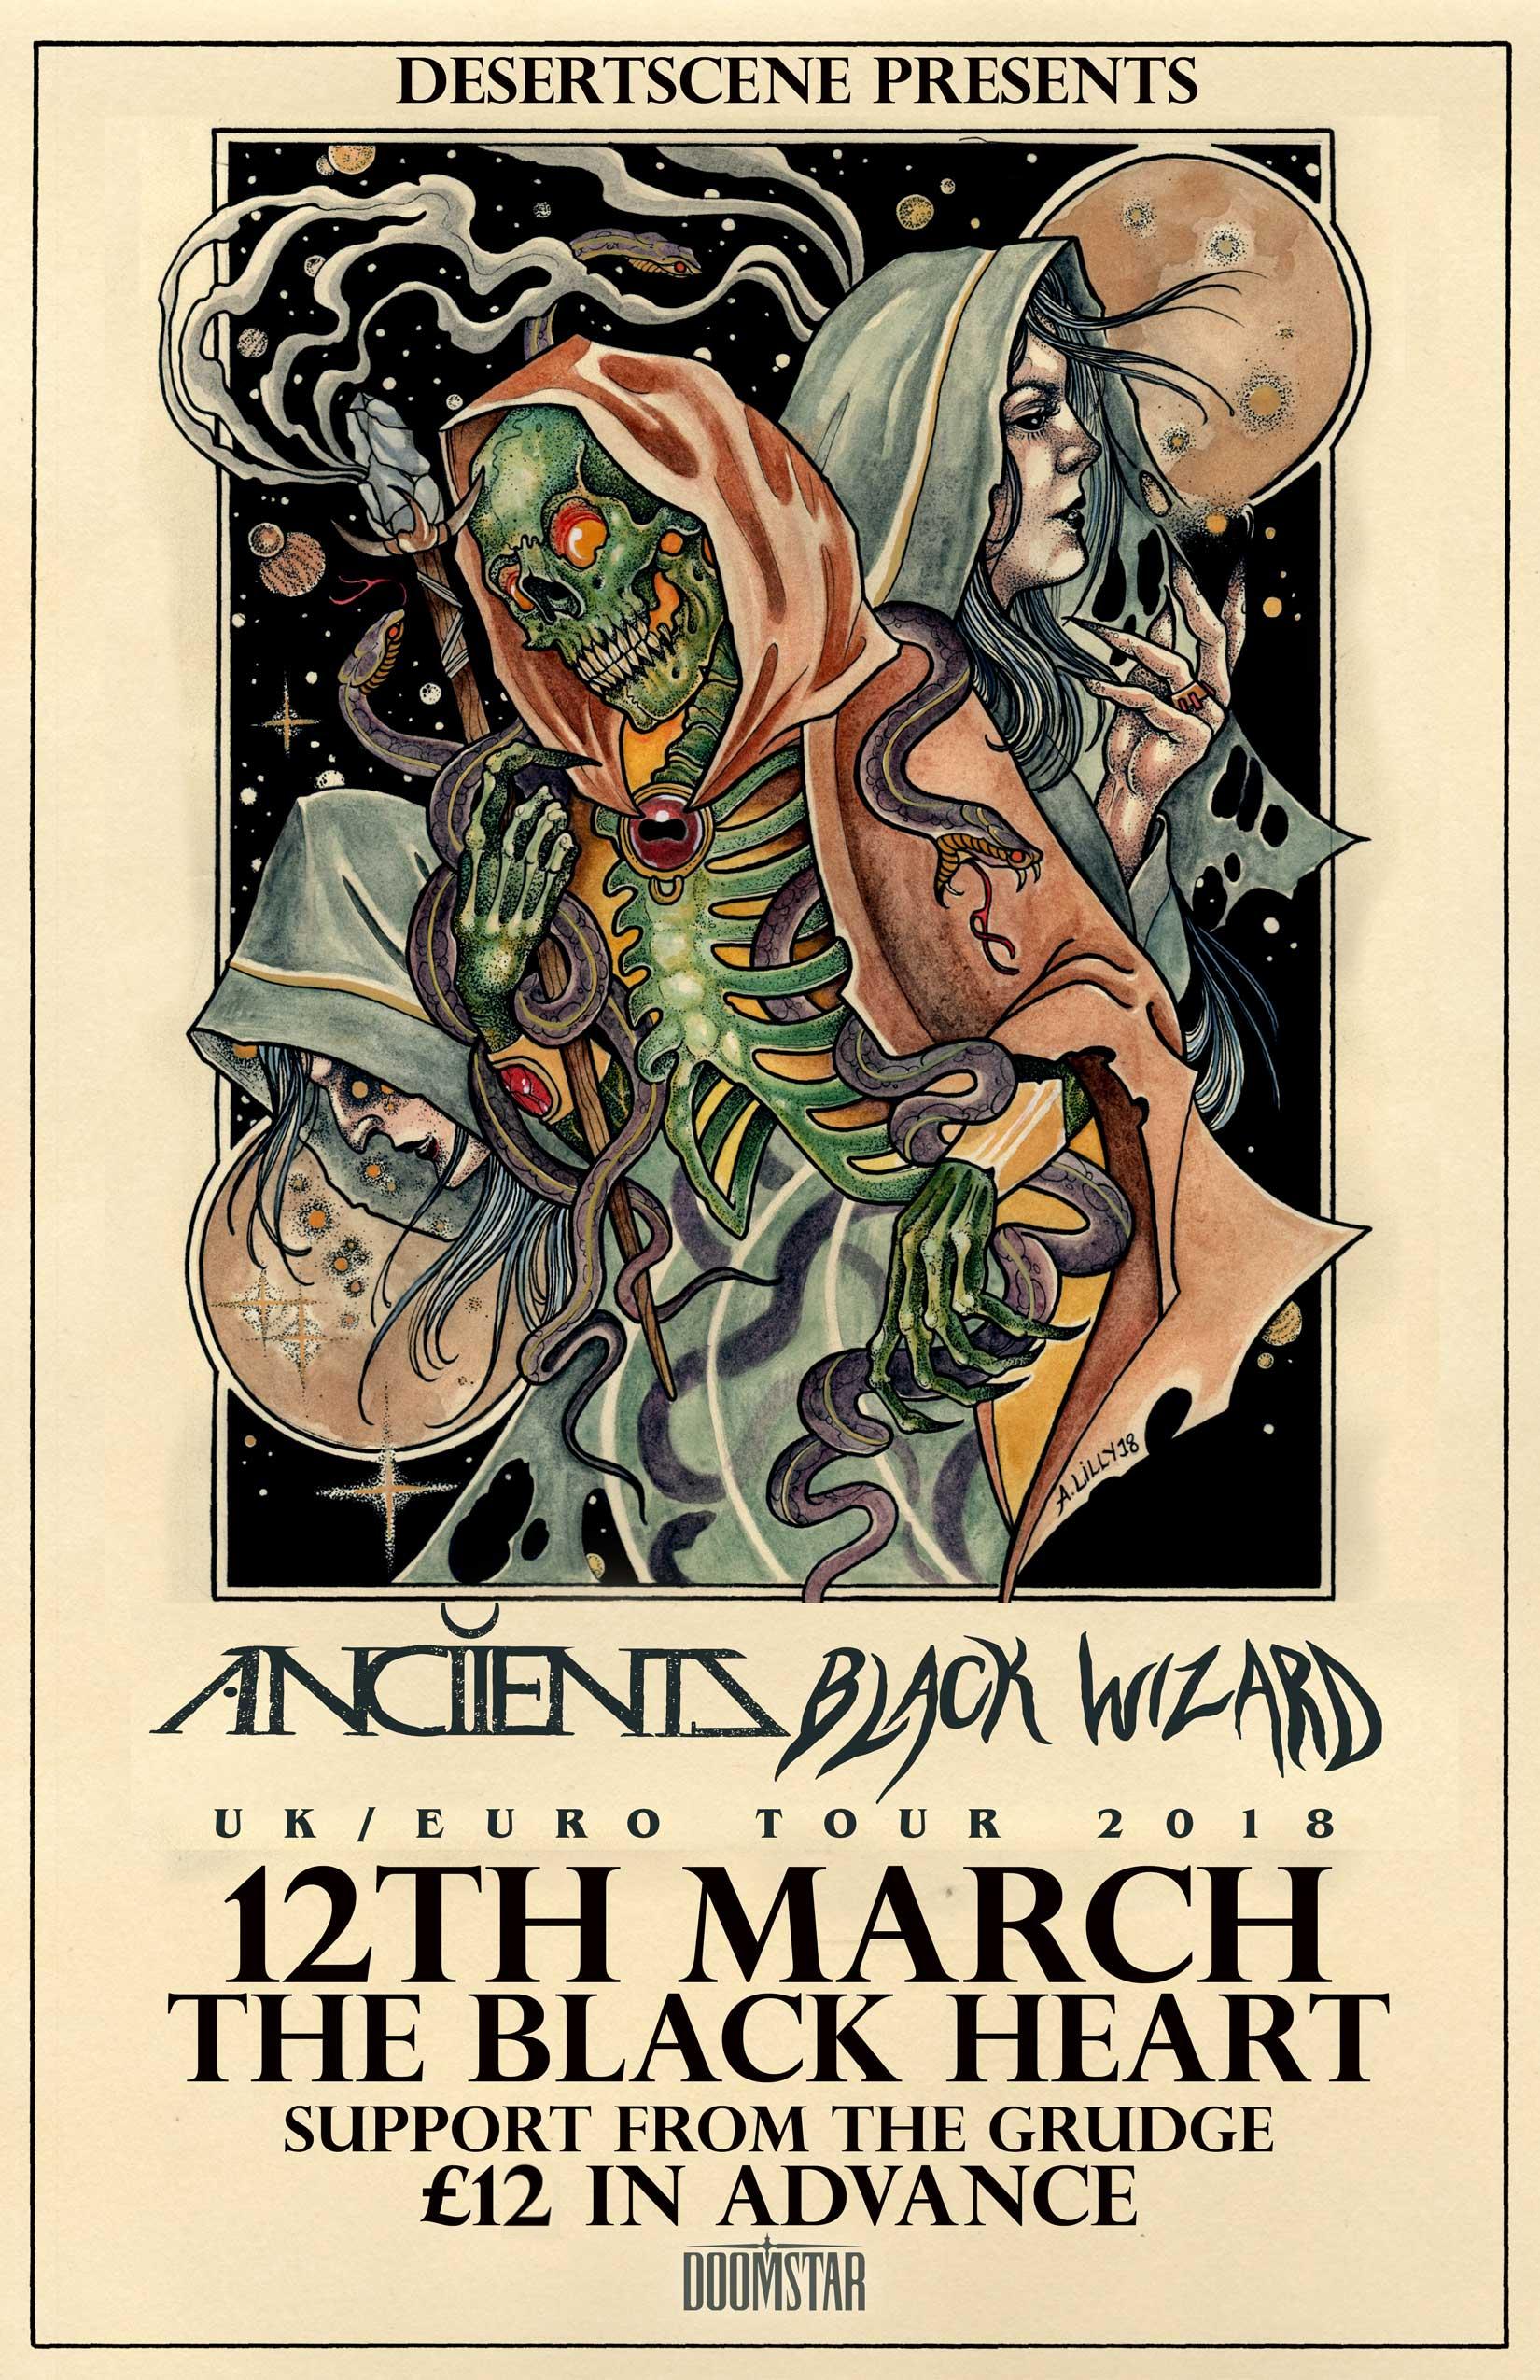 Anciients-and-blackwizard (12 quid).jpg